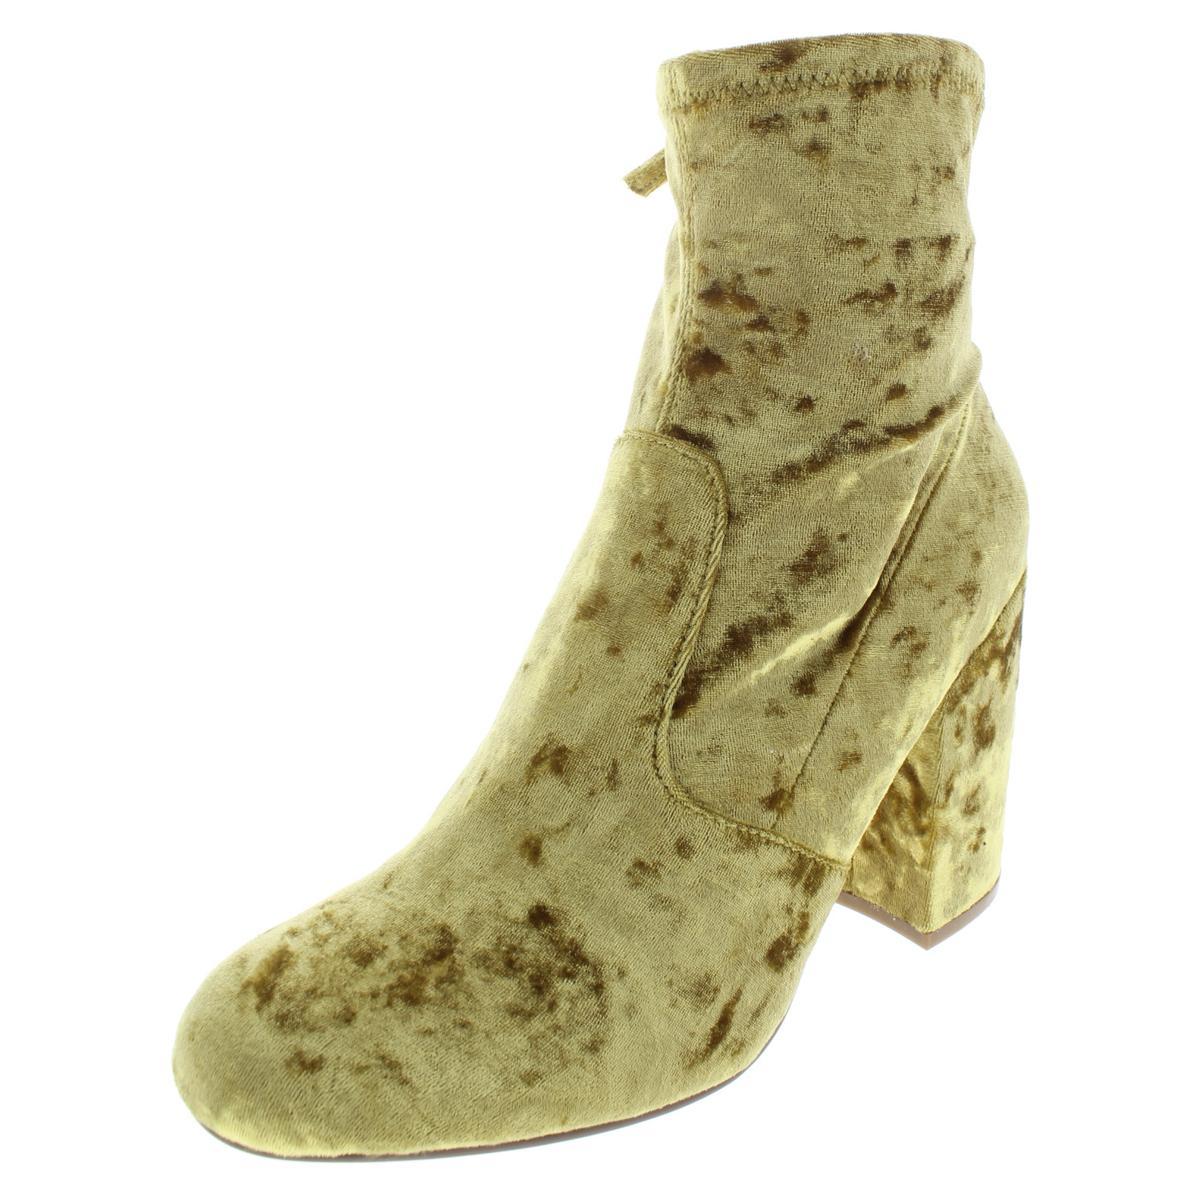 661a441c6d0 Details about Steve Madden Womens Gaze Gold Velvet Booties Shoes 7.5 Medium  (B